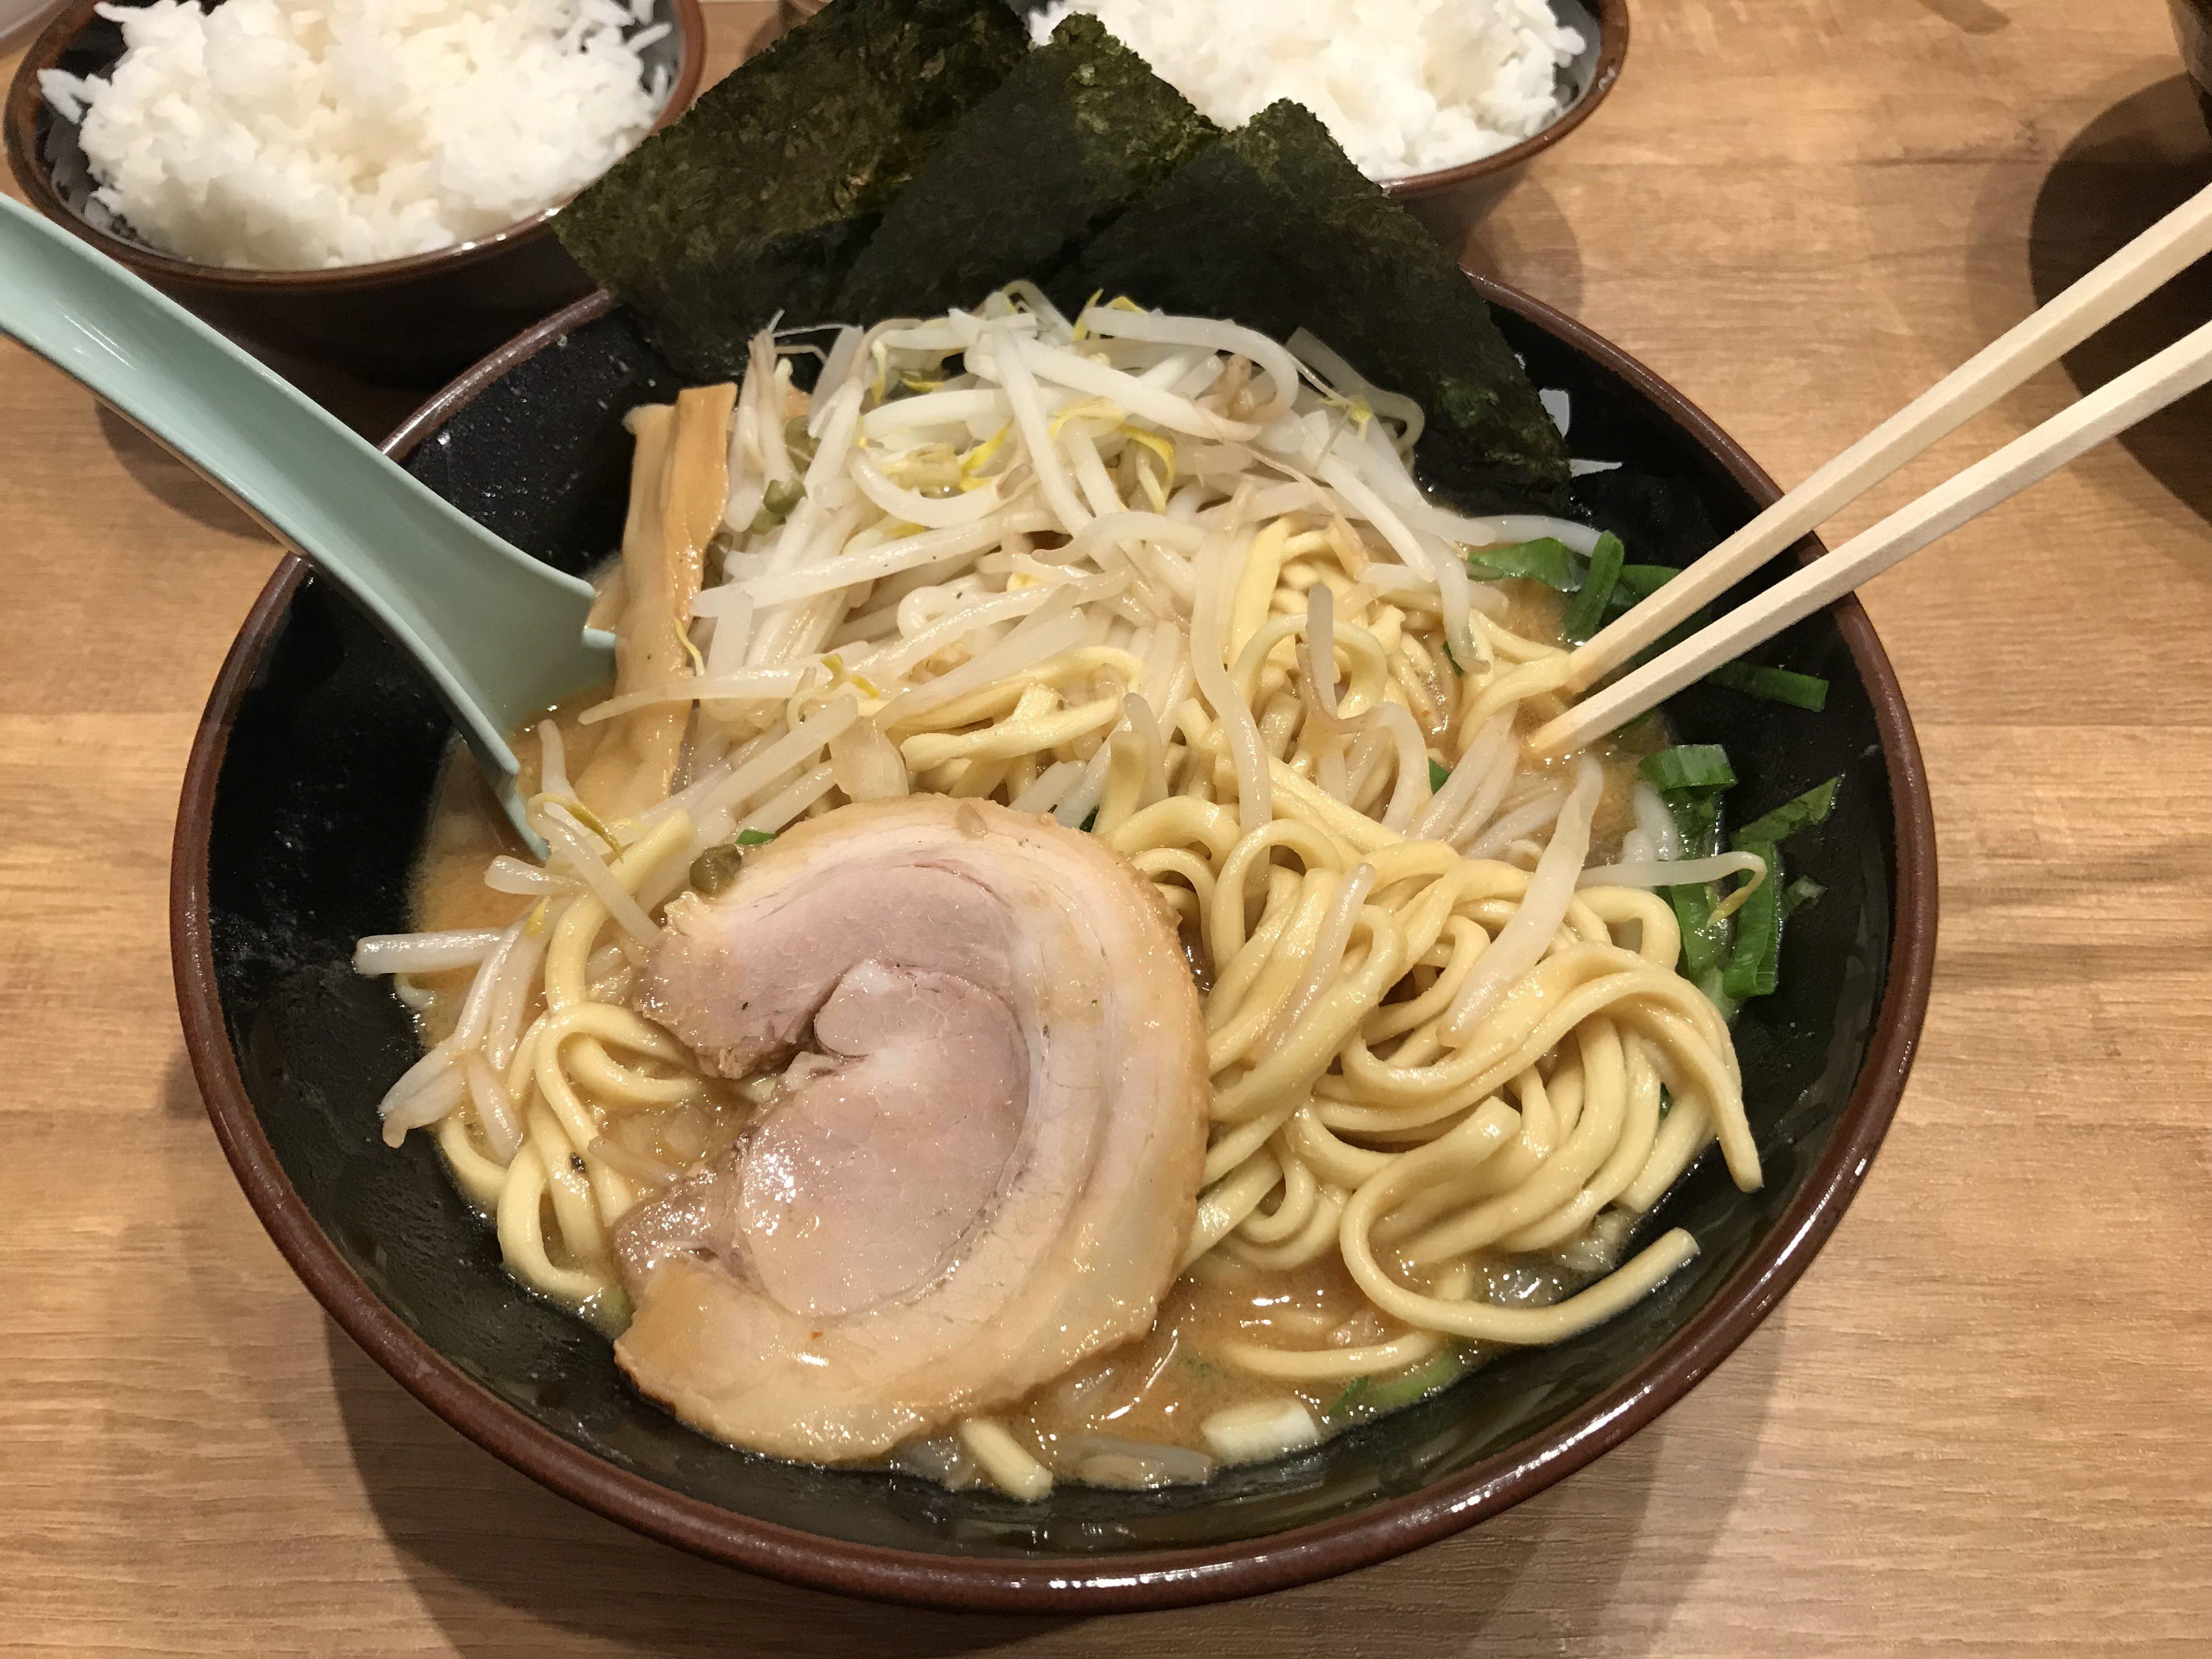 横浜道の味噌ラーメン